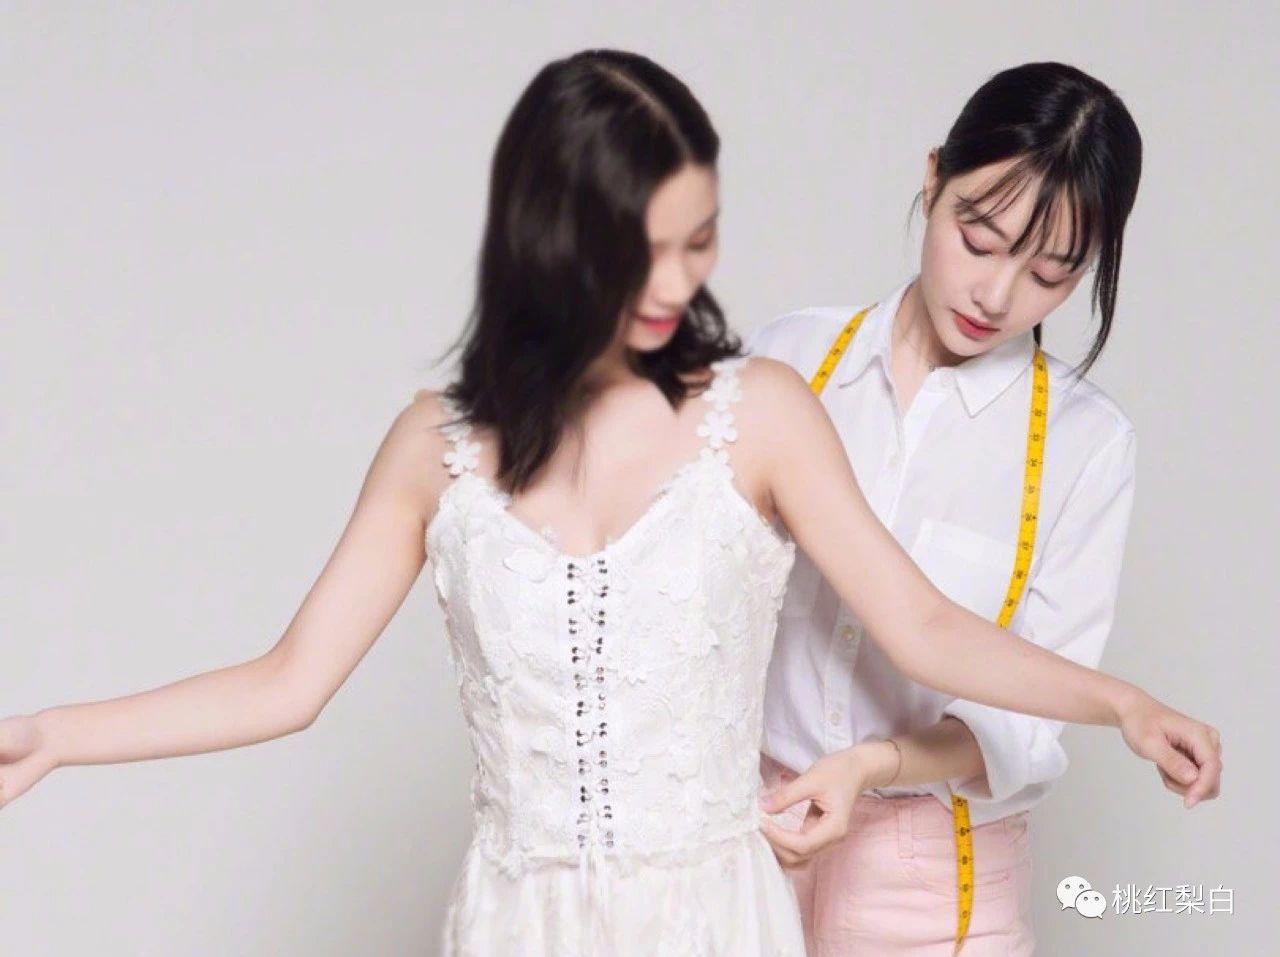 李小璐变身时尚达人复出捞金,想的也太美了!